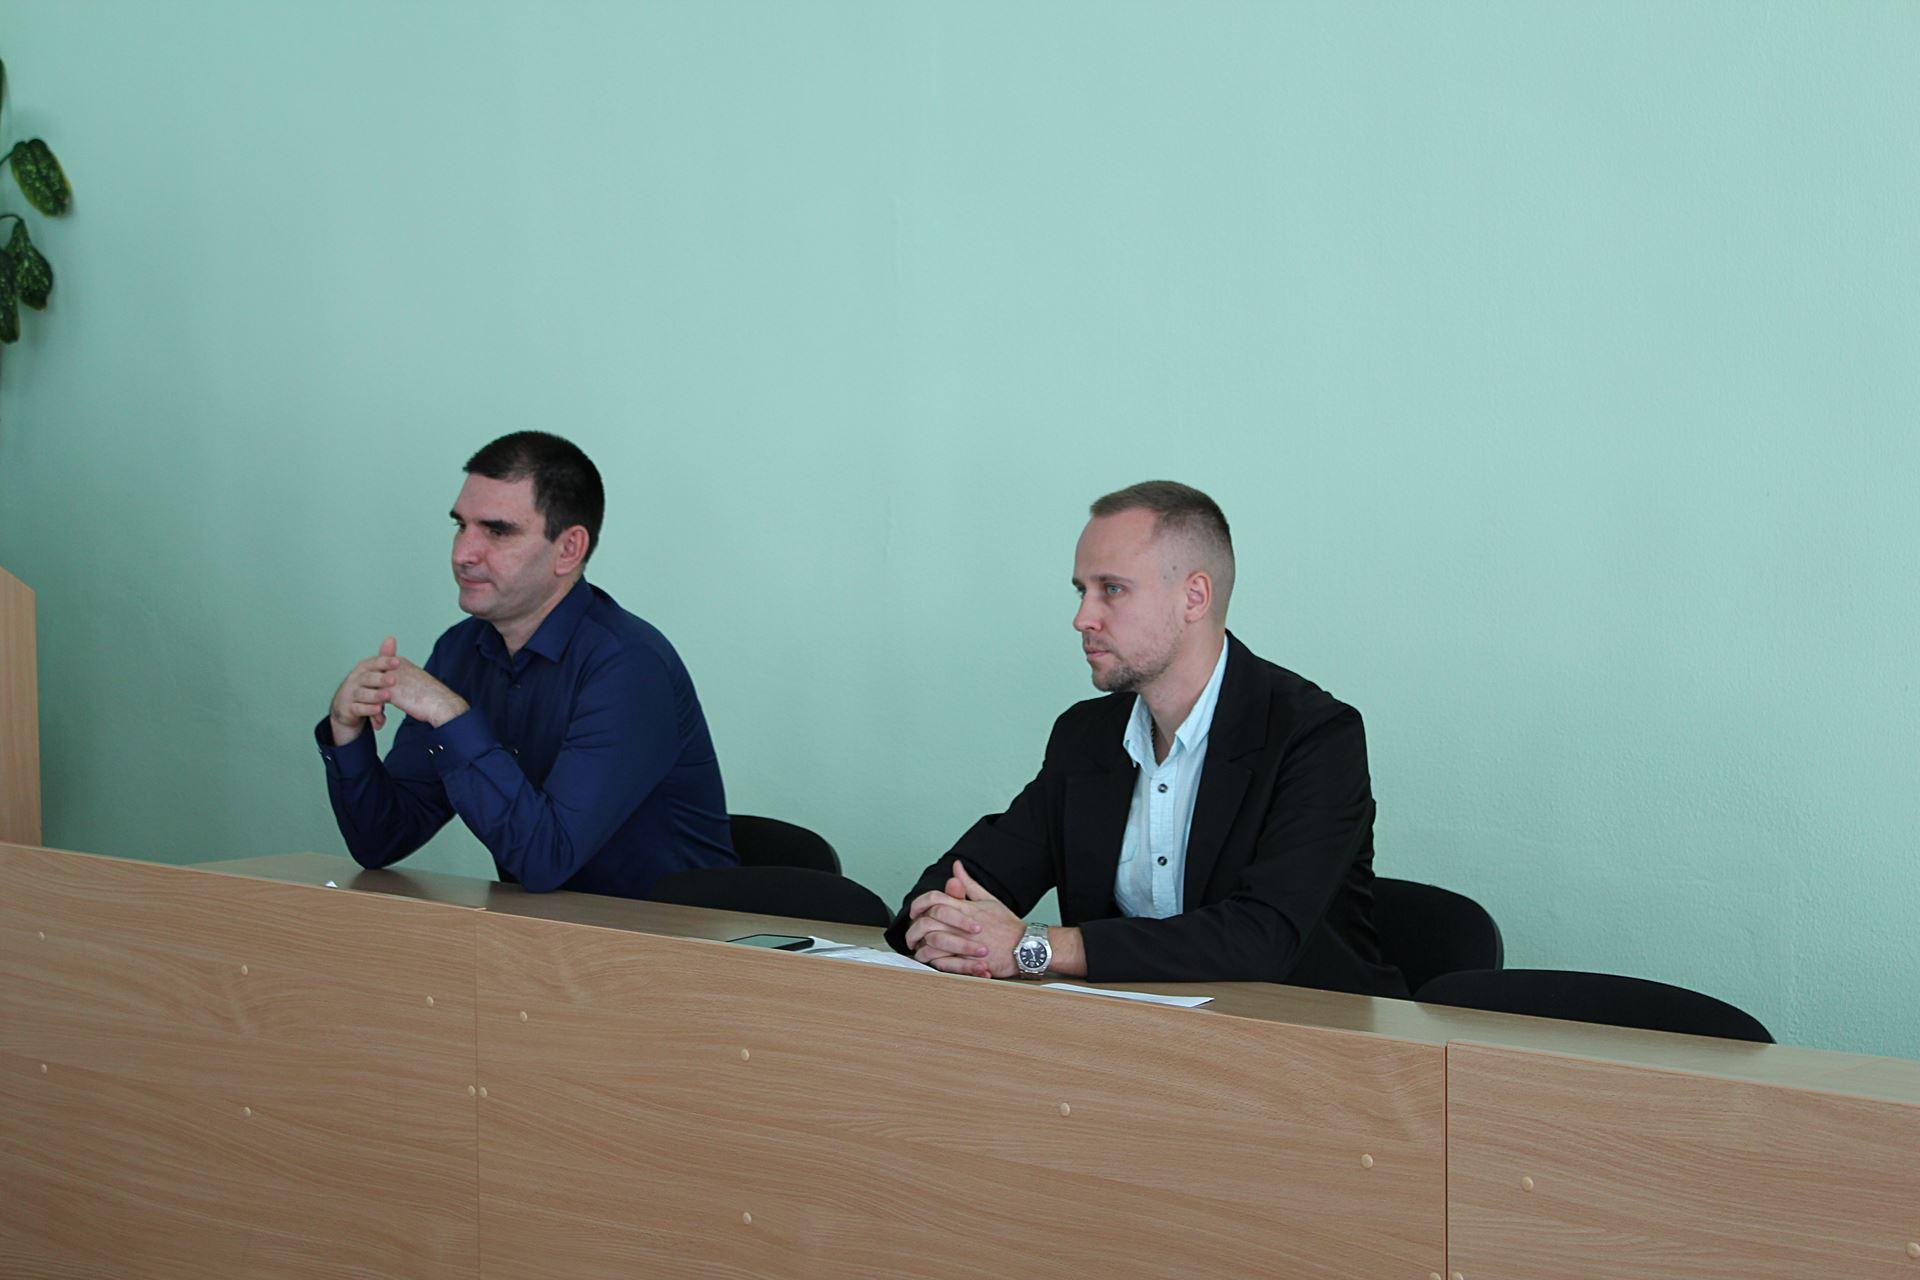 Працівниками Житомирського НДЕКЦ МВС проведені заняття  з особовим складом  слідчих підрозділів   ГУНП в Житомирській області